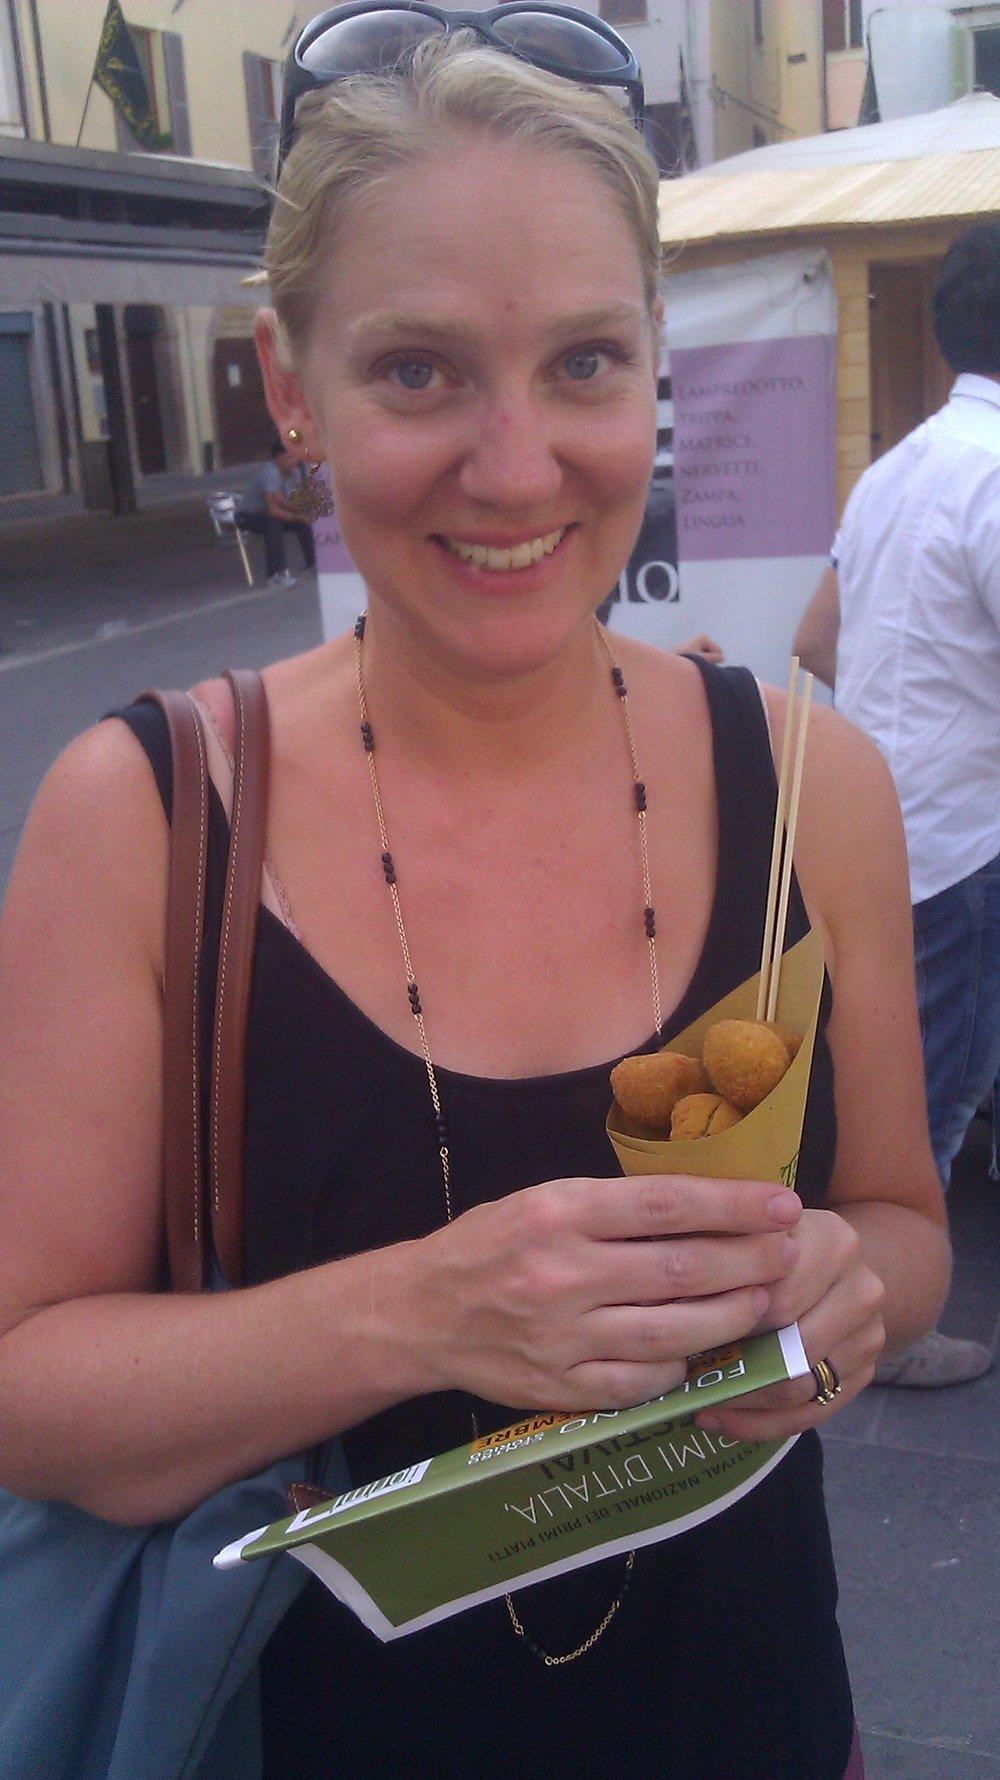 Jess-with-fried-stuffed-olives.jpg